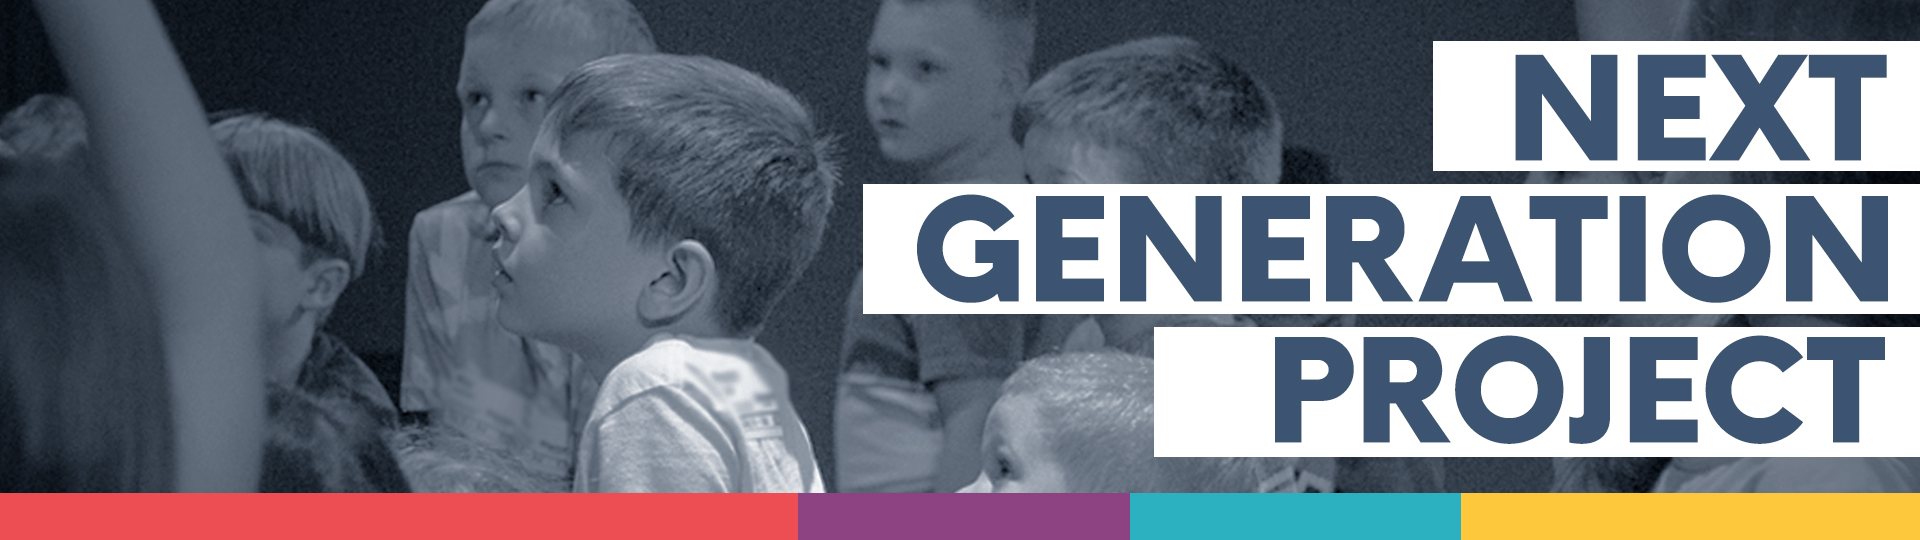 next gen project banner.jpg